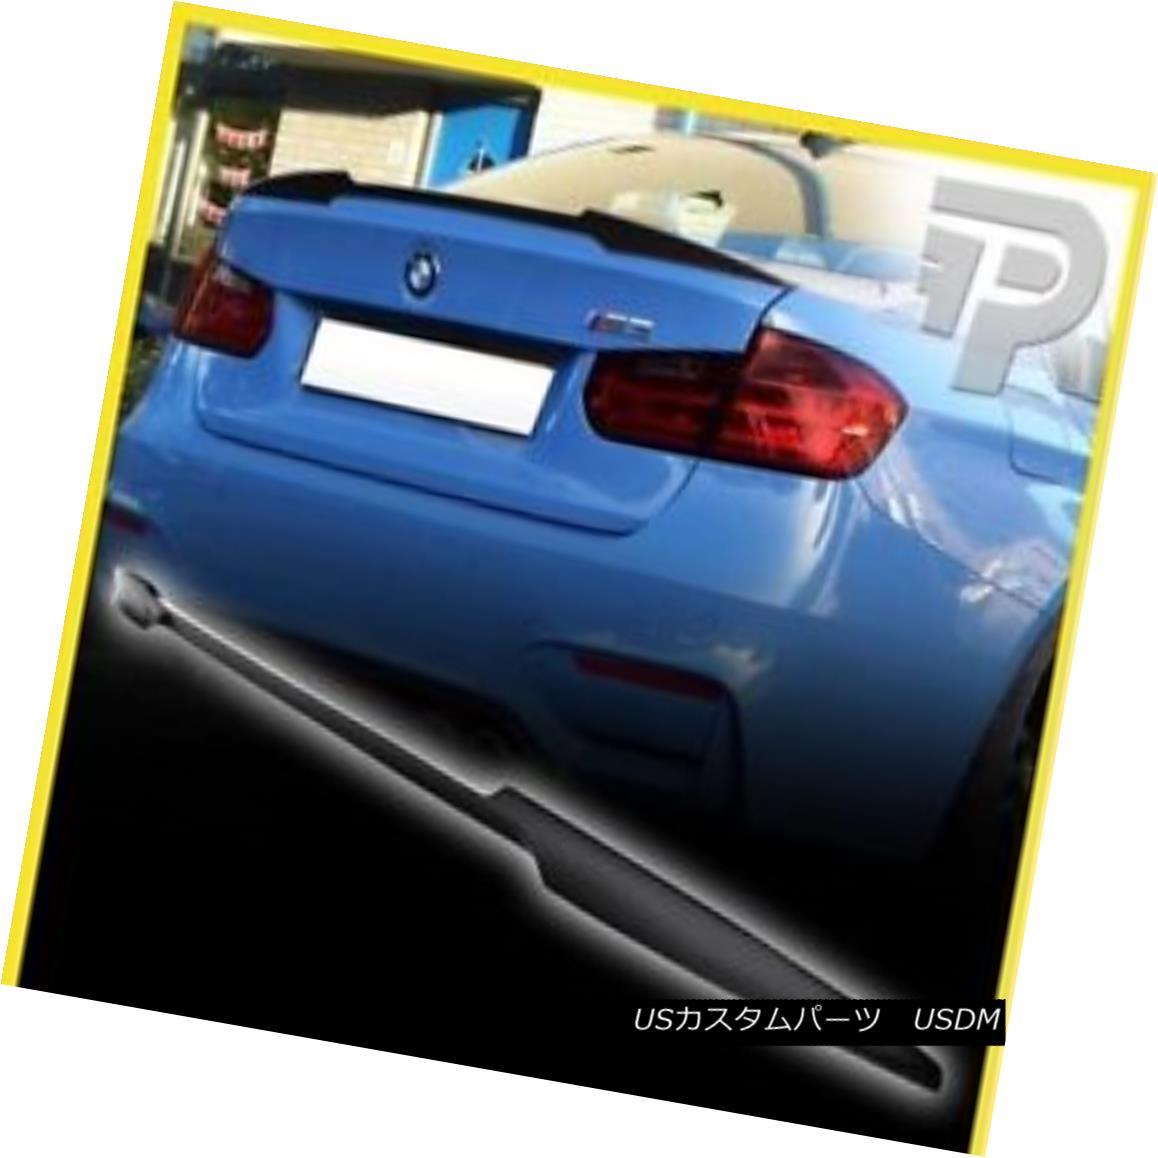 エアロパーツ BMW 3-SERIES F30 F80 V TYPE REAR CARBON FIBER TRUNK LIP SPOILER M3 2012-2016 BMW 3シリーズF30 F80 VタイプリアカーボンファイバートランクリップスポイラーM3 2012-2016